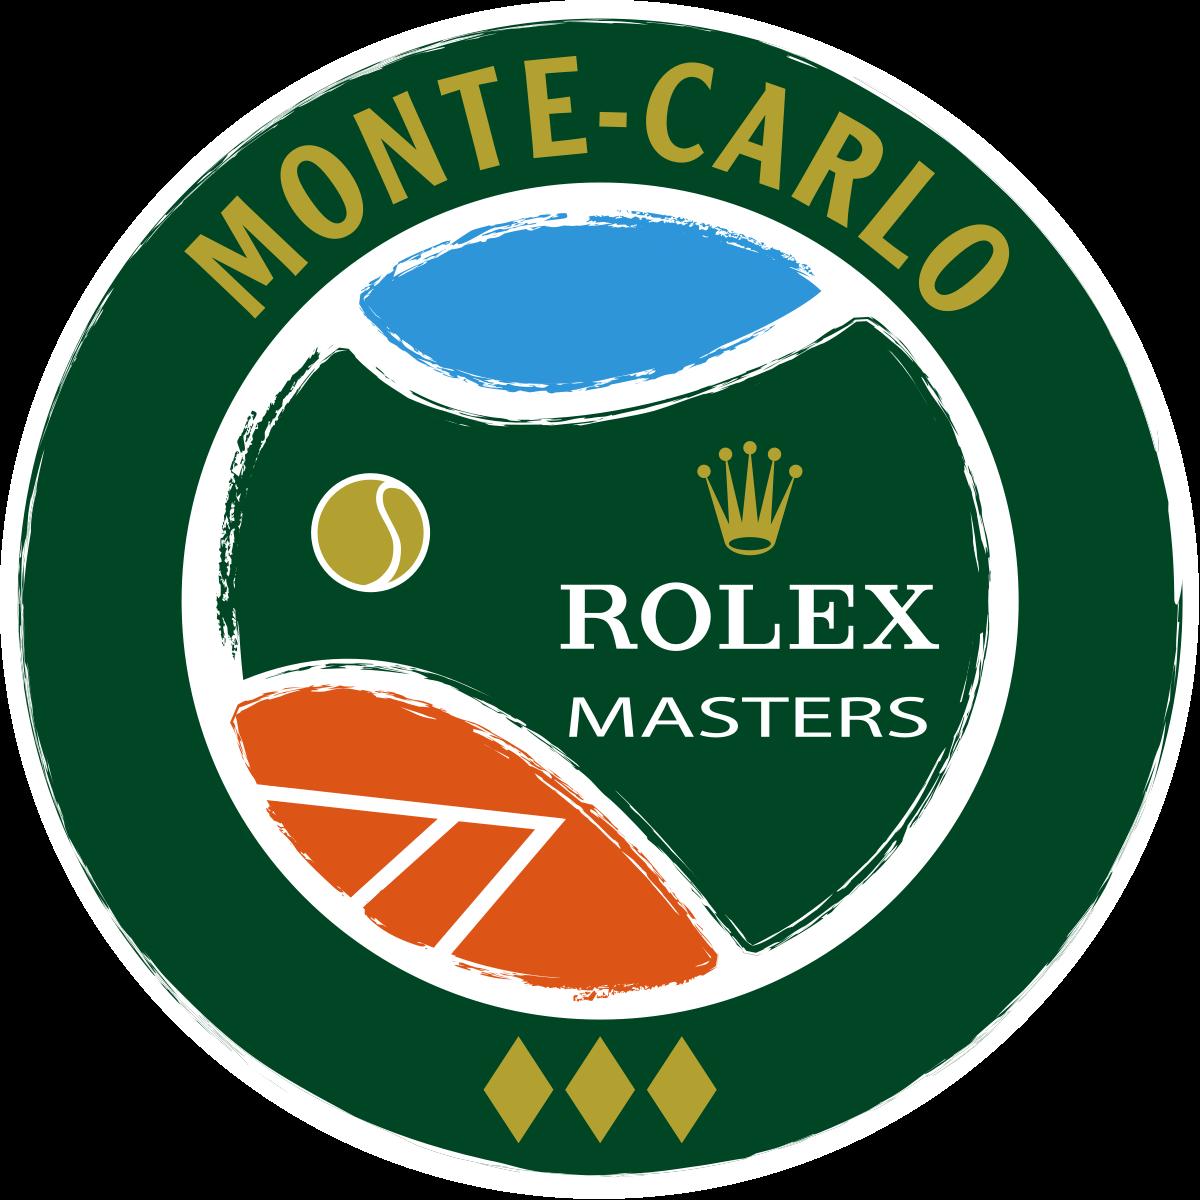 Monte-Carlo - Monte-Carlo Rolex Masters